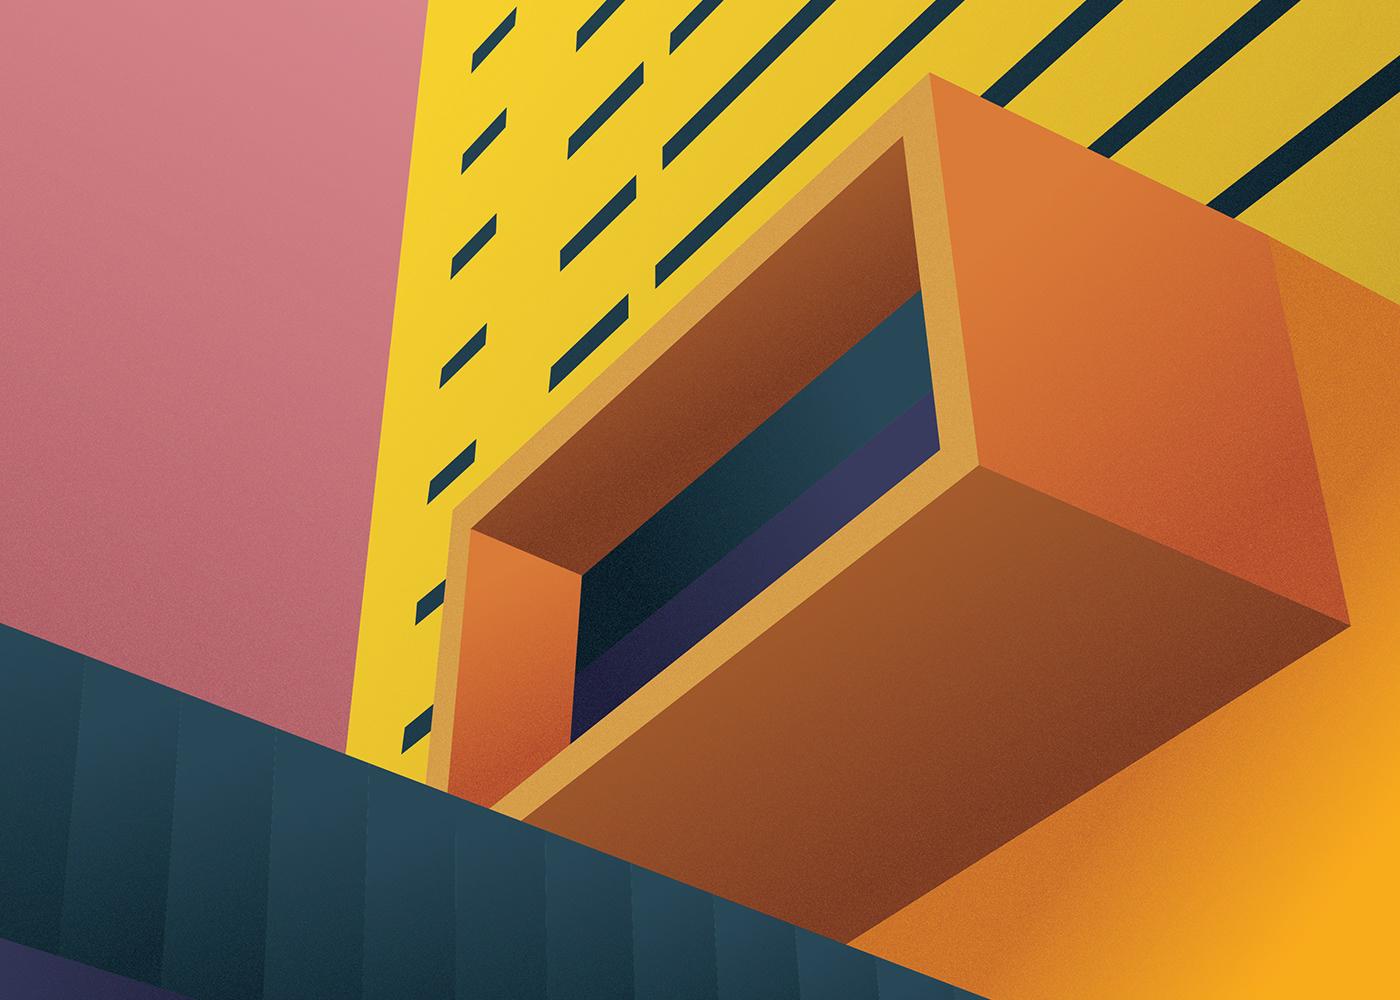 architecture geometric Architecture Illustrations minimal bold colors architectural illustration graphic design  geometric architecture  minimal illustration Building Illustration